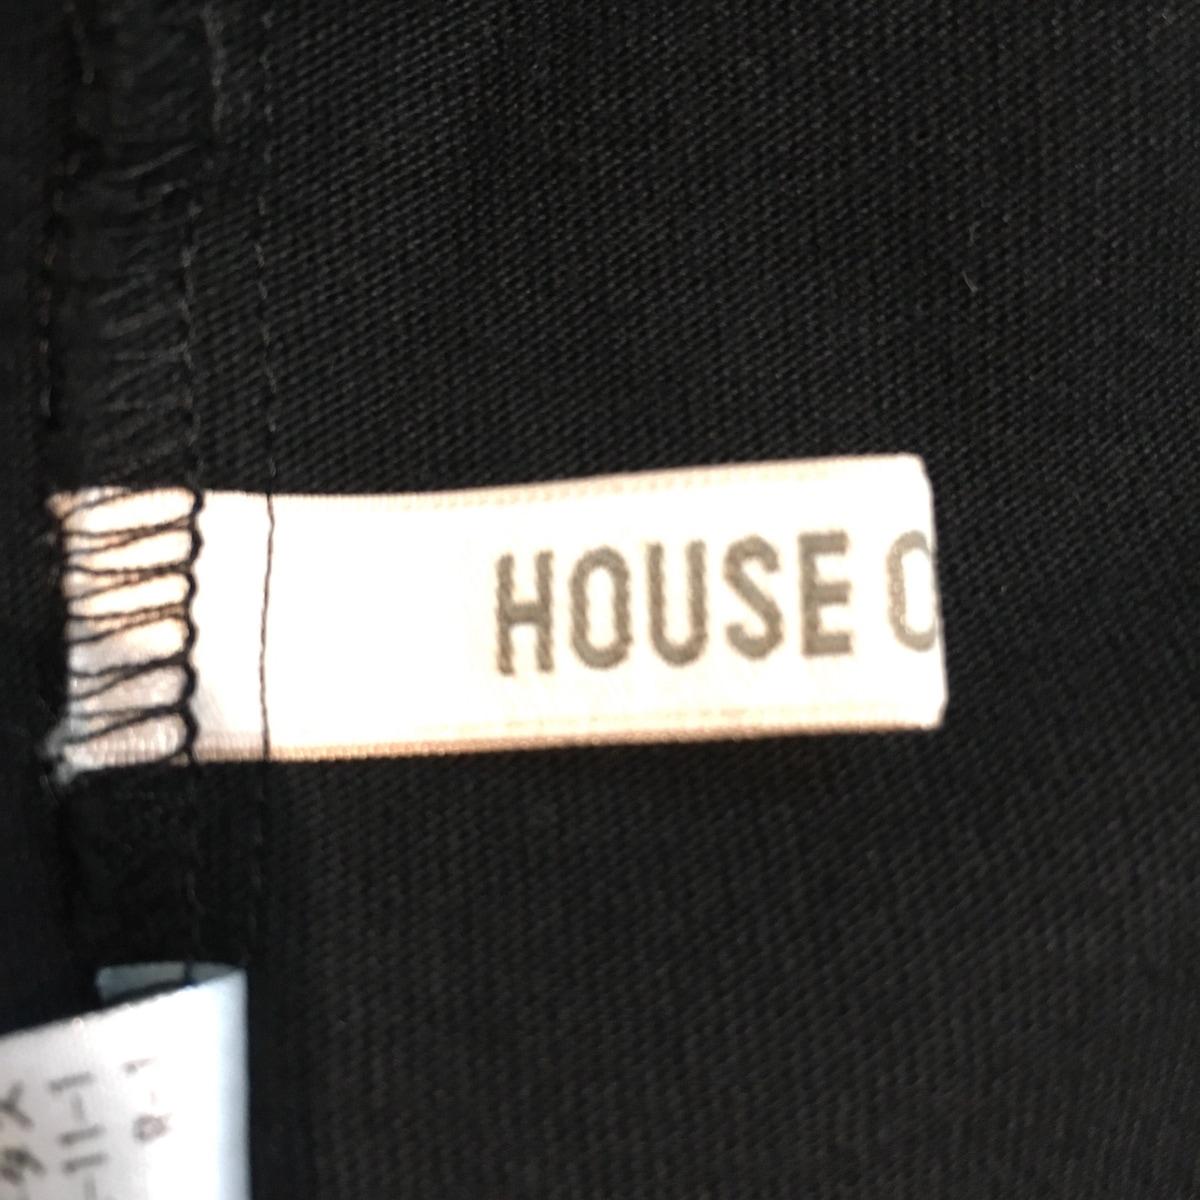 HOUSE OF LOTUS(ハウス オブ ロータス)のワンピース